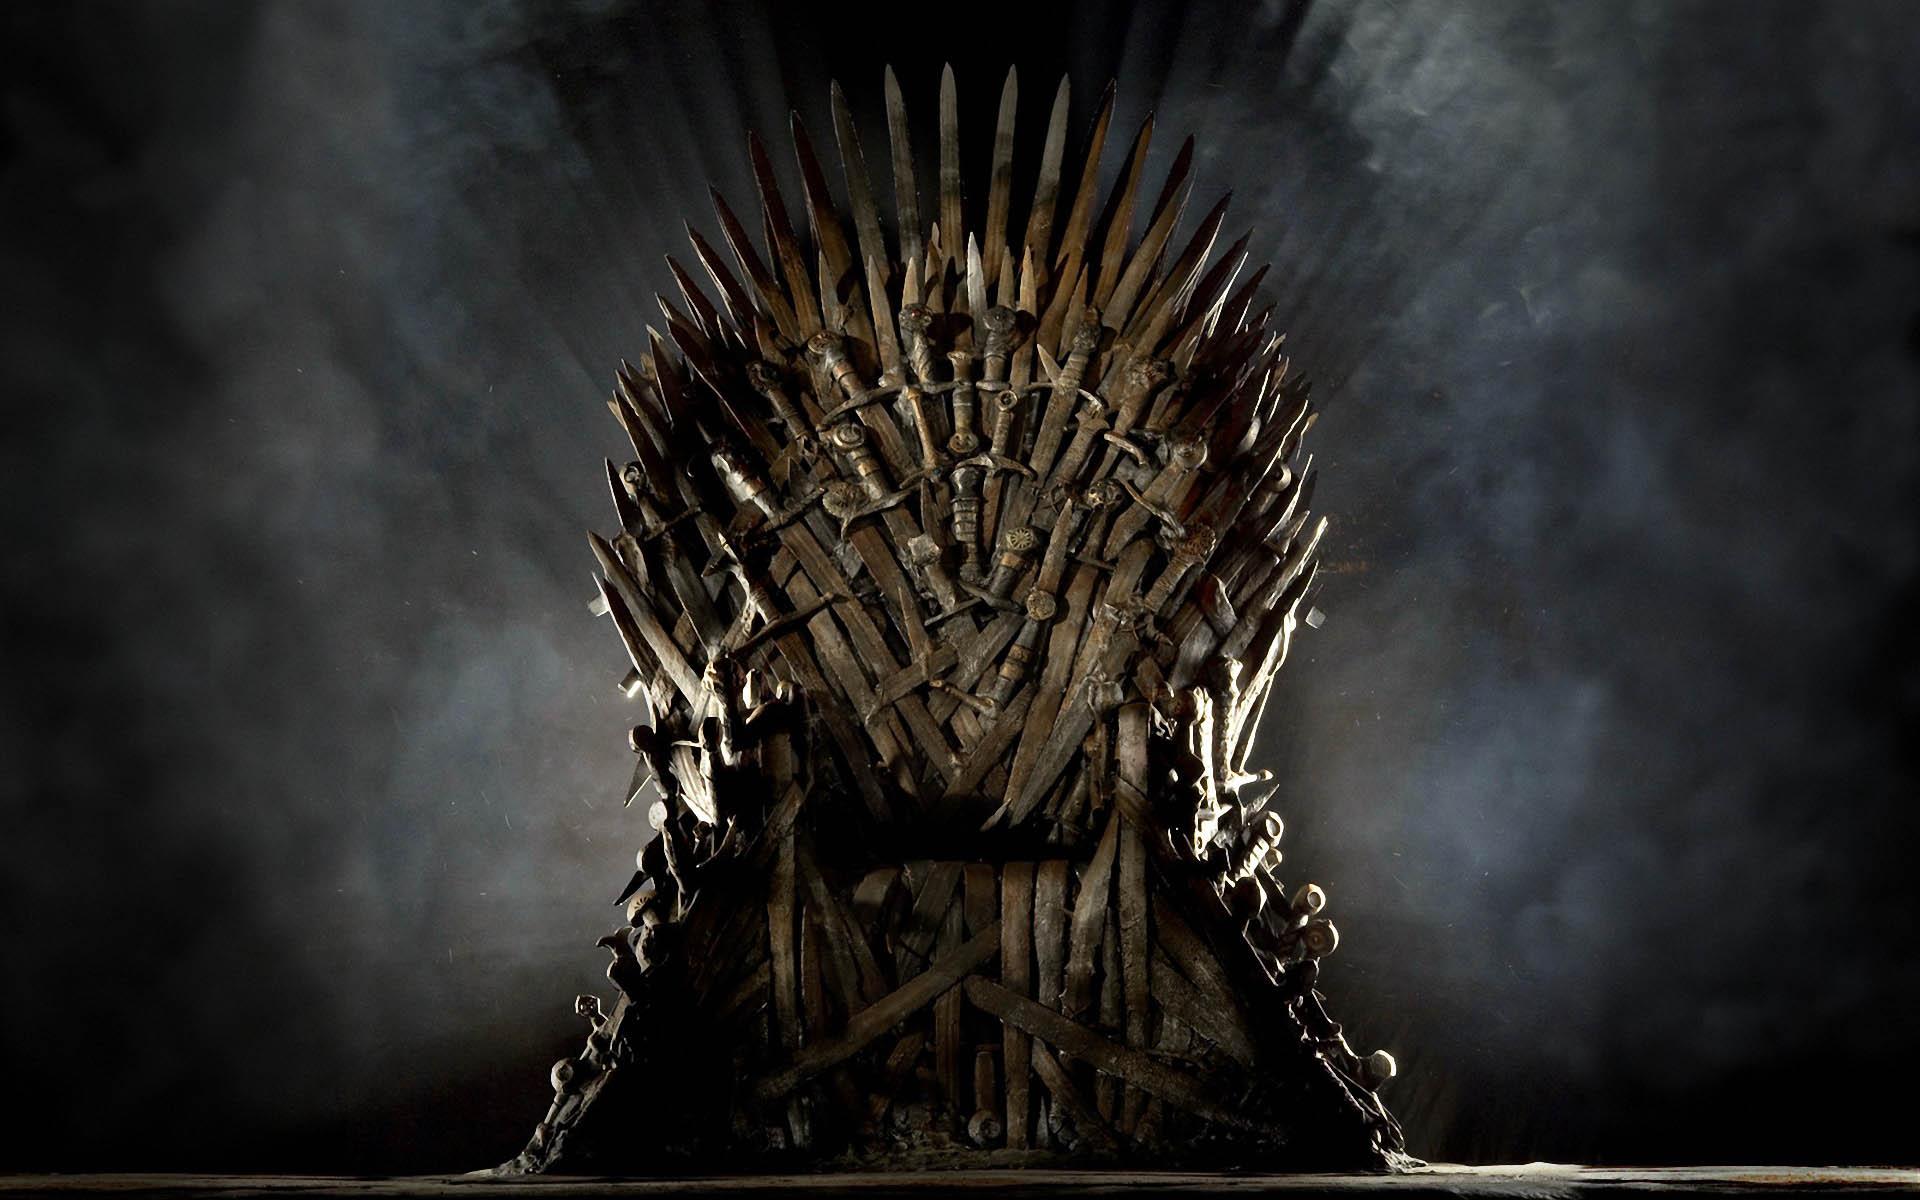 HBO descarta secuela de Game of Thrones, por ahora